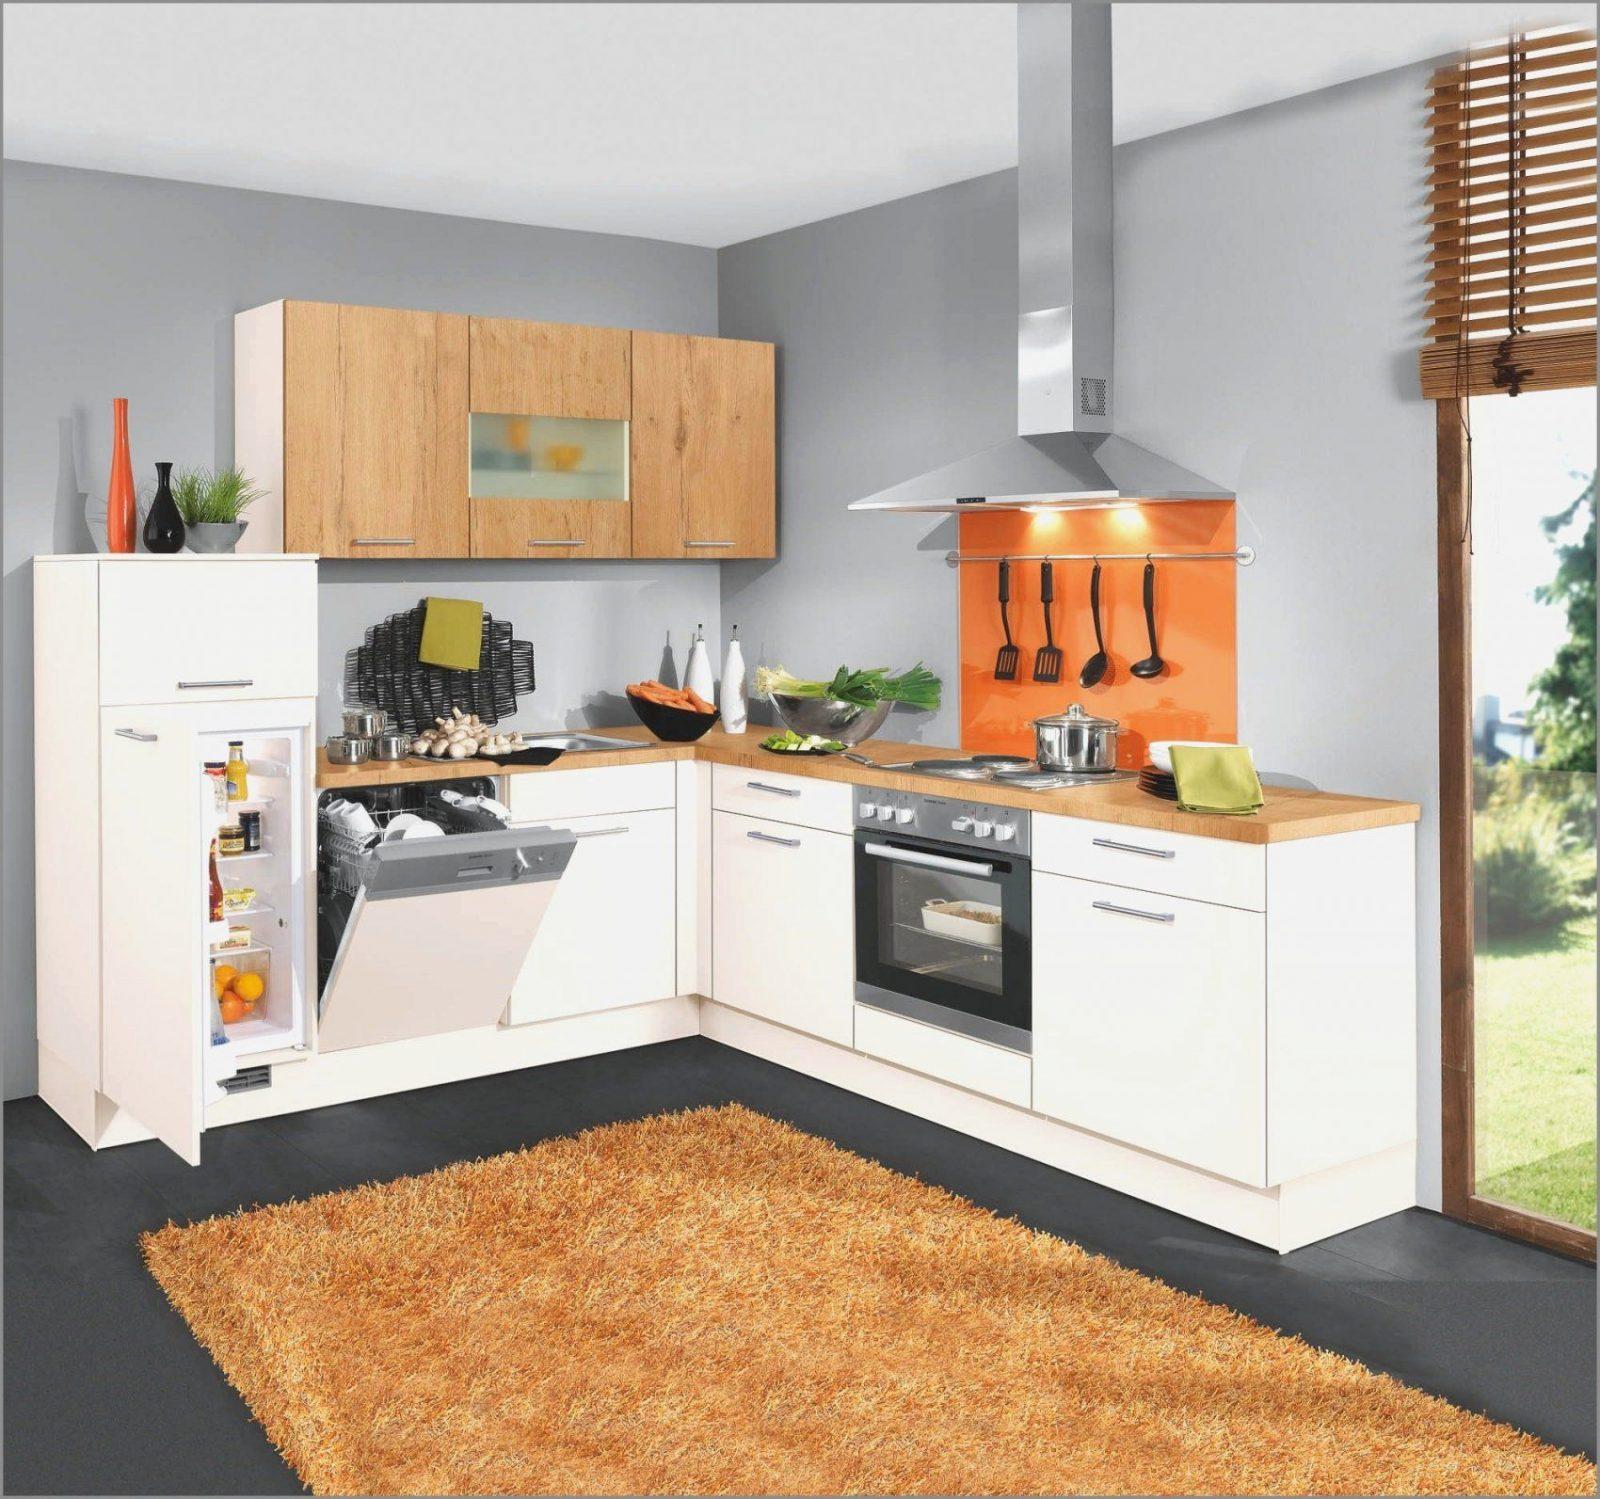 Küche G Form New Küche L Form Inspirierend Beste L Küche Günstig von Einbauküche L Form Günstig Bild